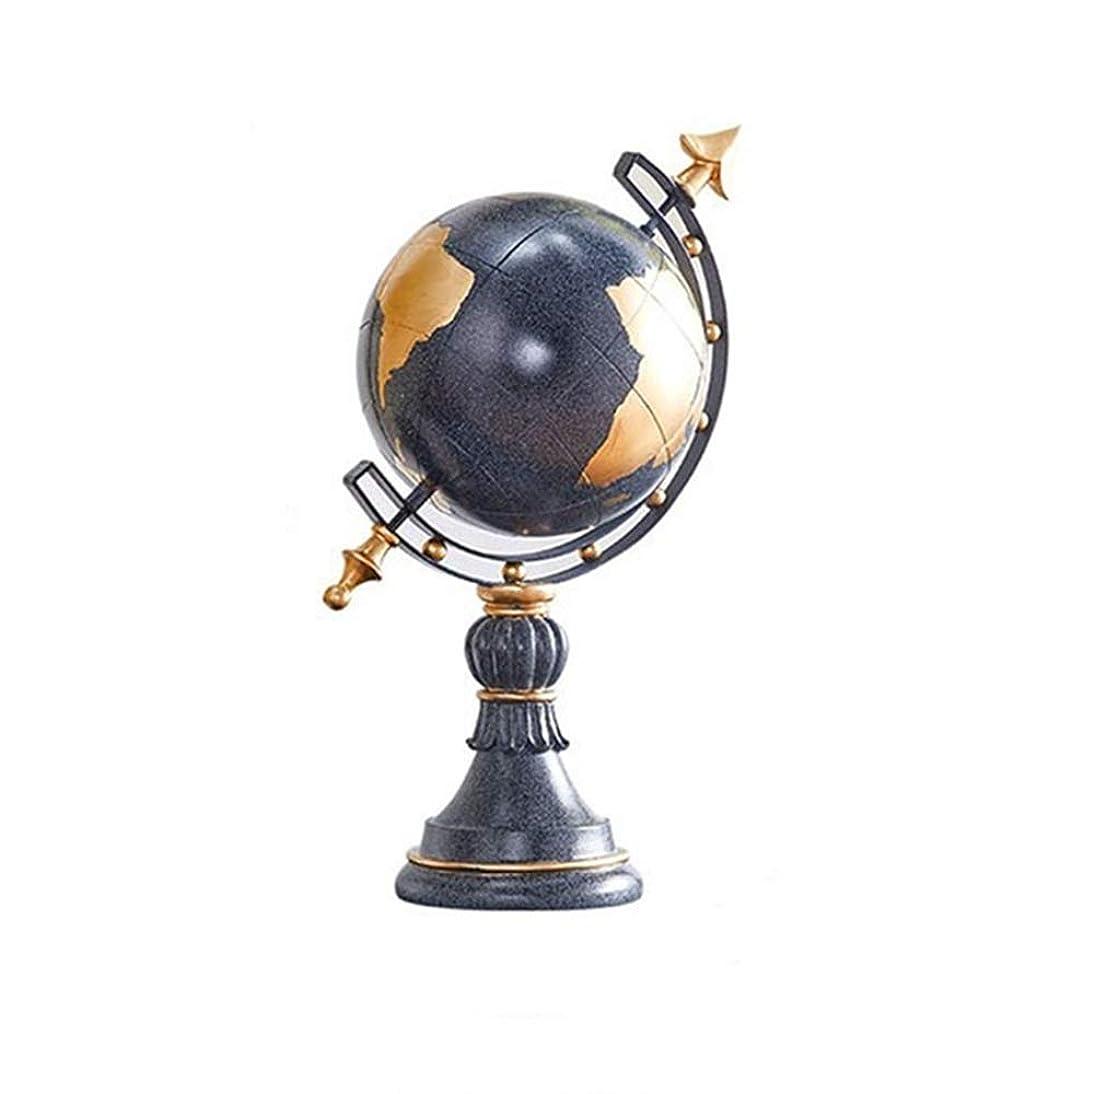 篭欺く深さ地球儀 スタンドオフィスホームデコレーションのための教育のギフトでレトロな世界グローブ世界グローブ (Color : Blue, Size : 24x19x40.5cm)